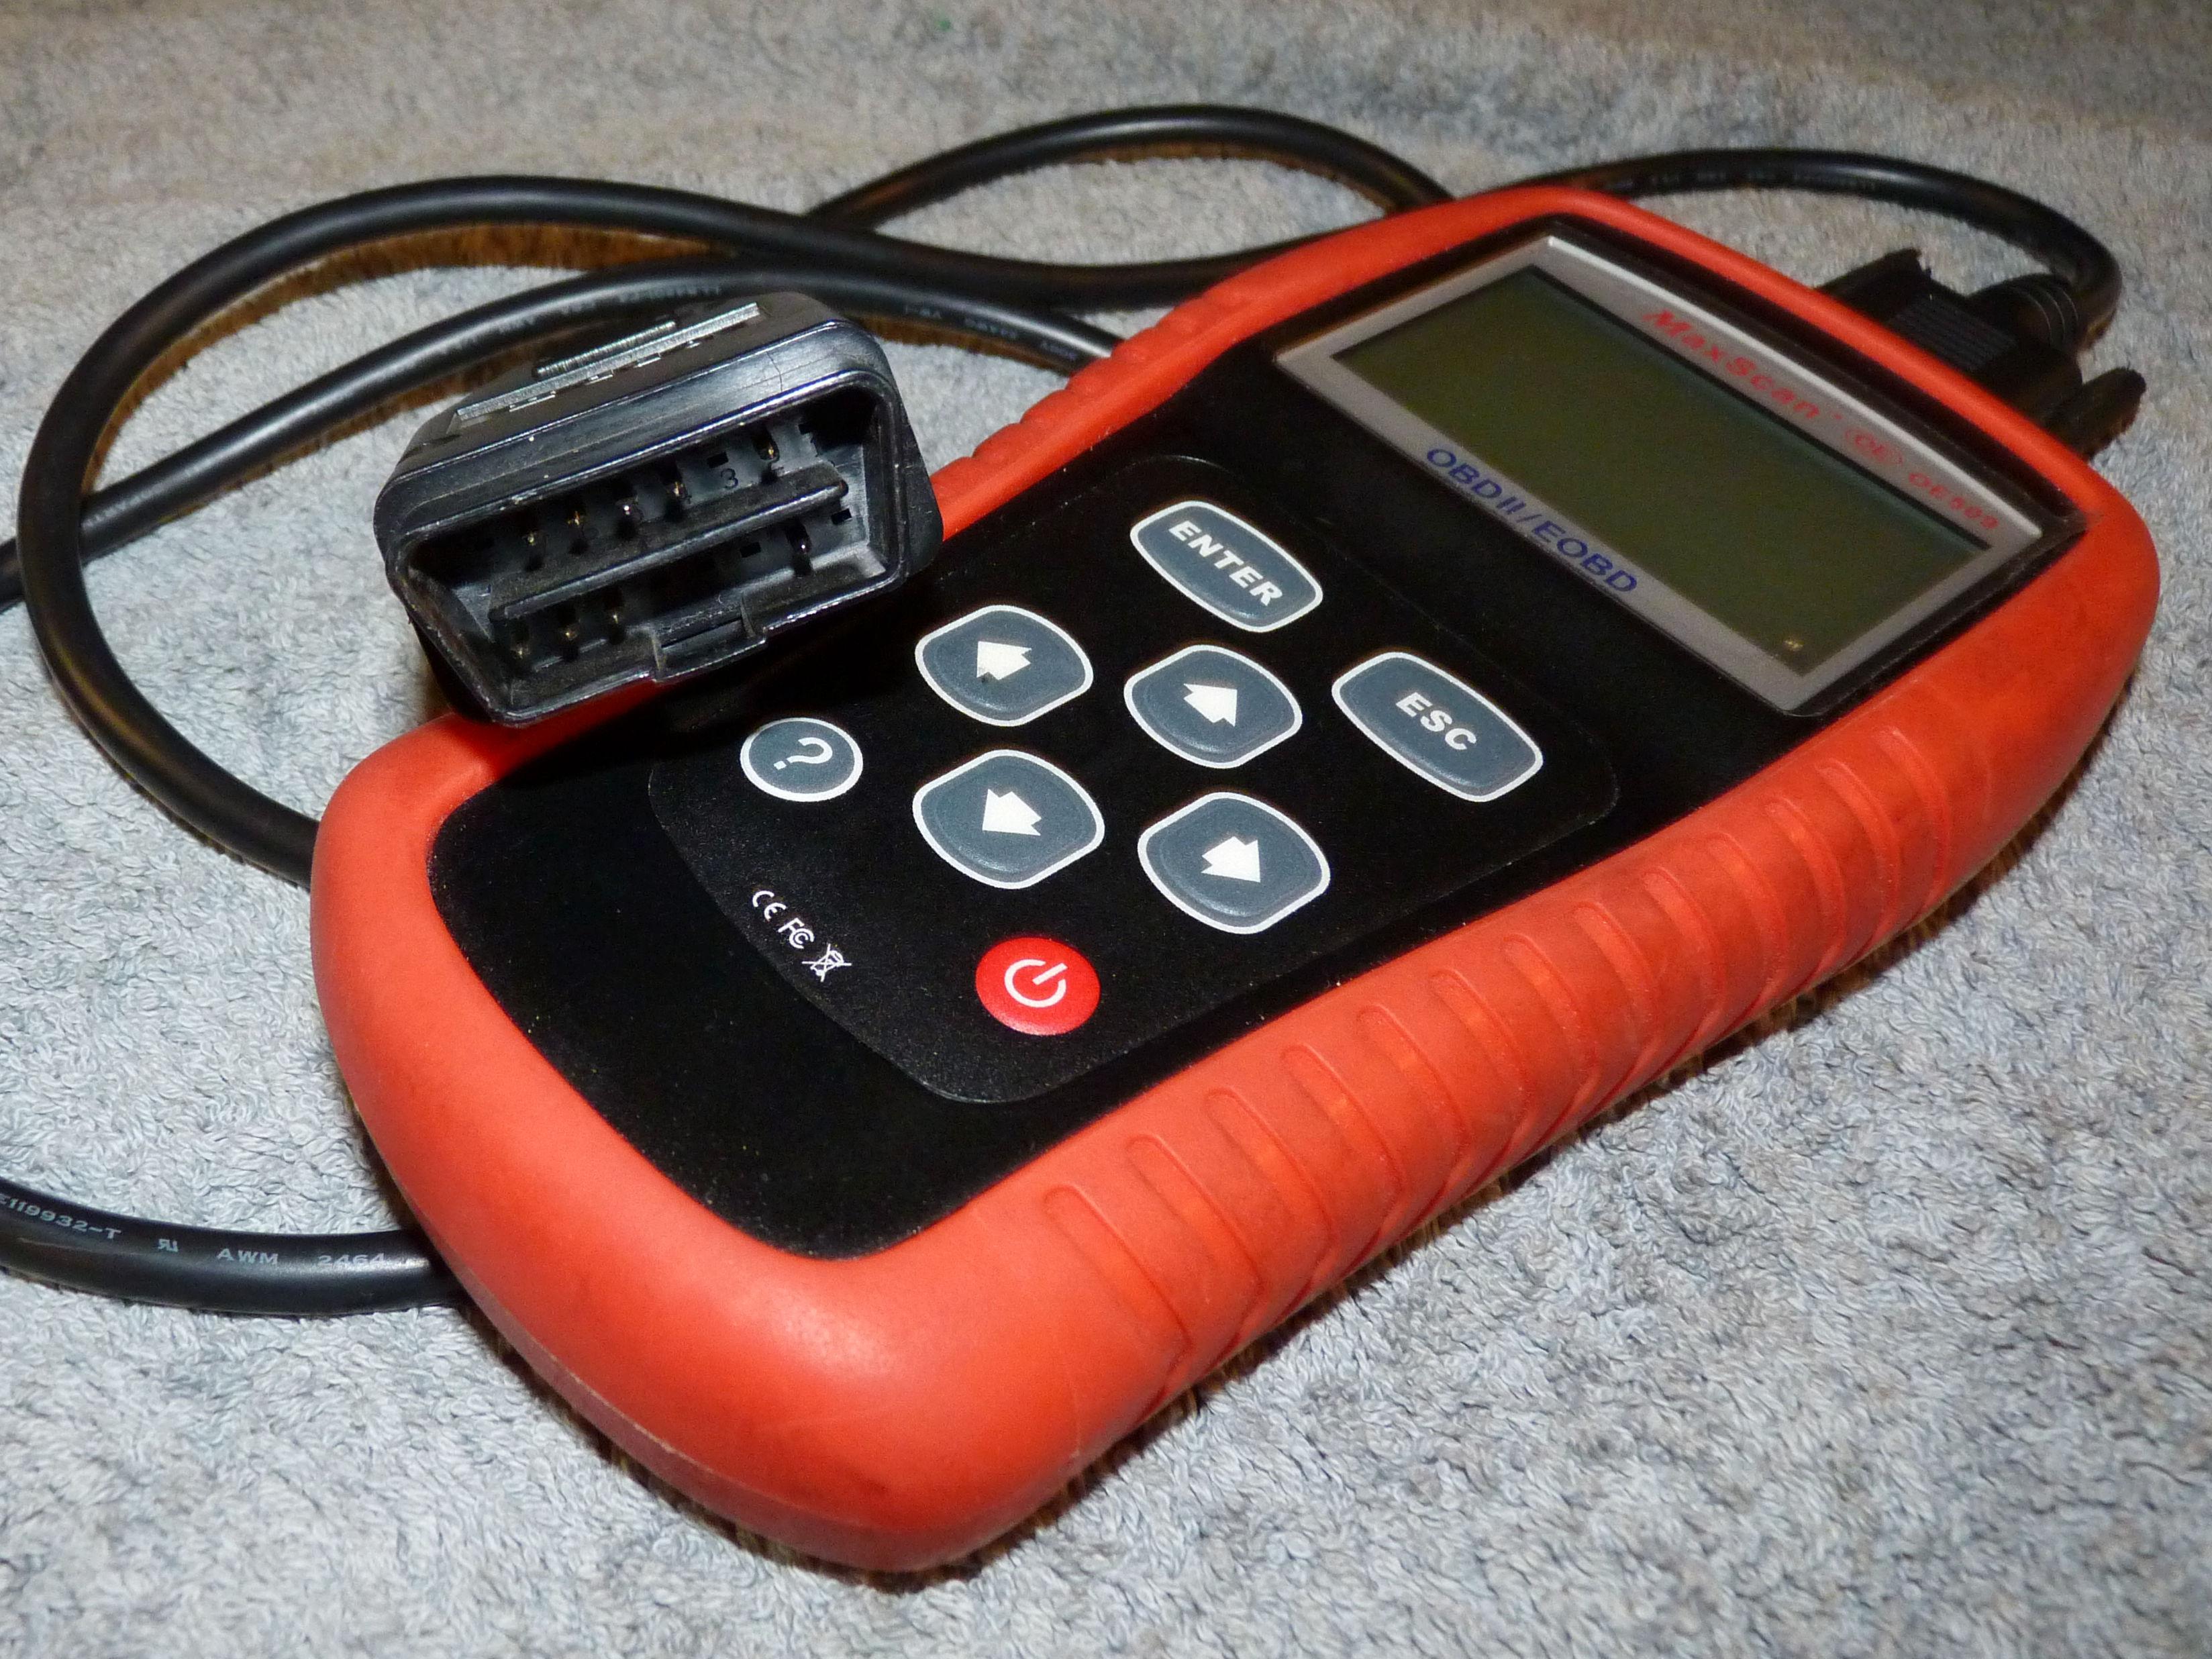 OBD2 scanner for O2 test.